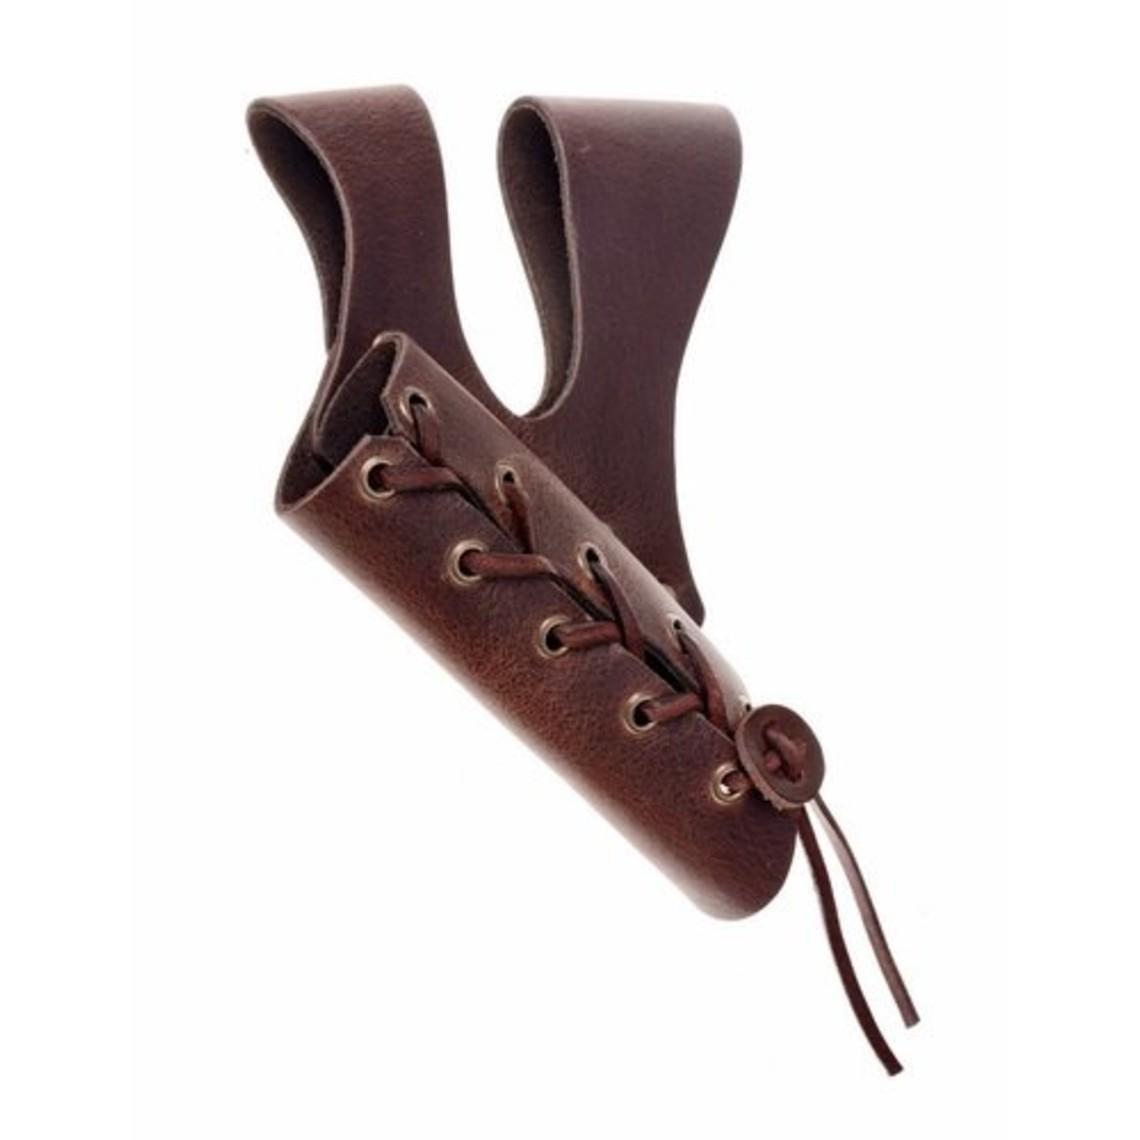 titular Espada con bucle de doble cinta, marrón